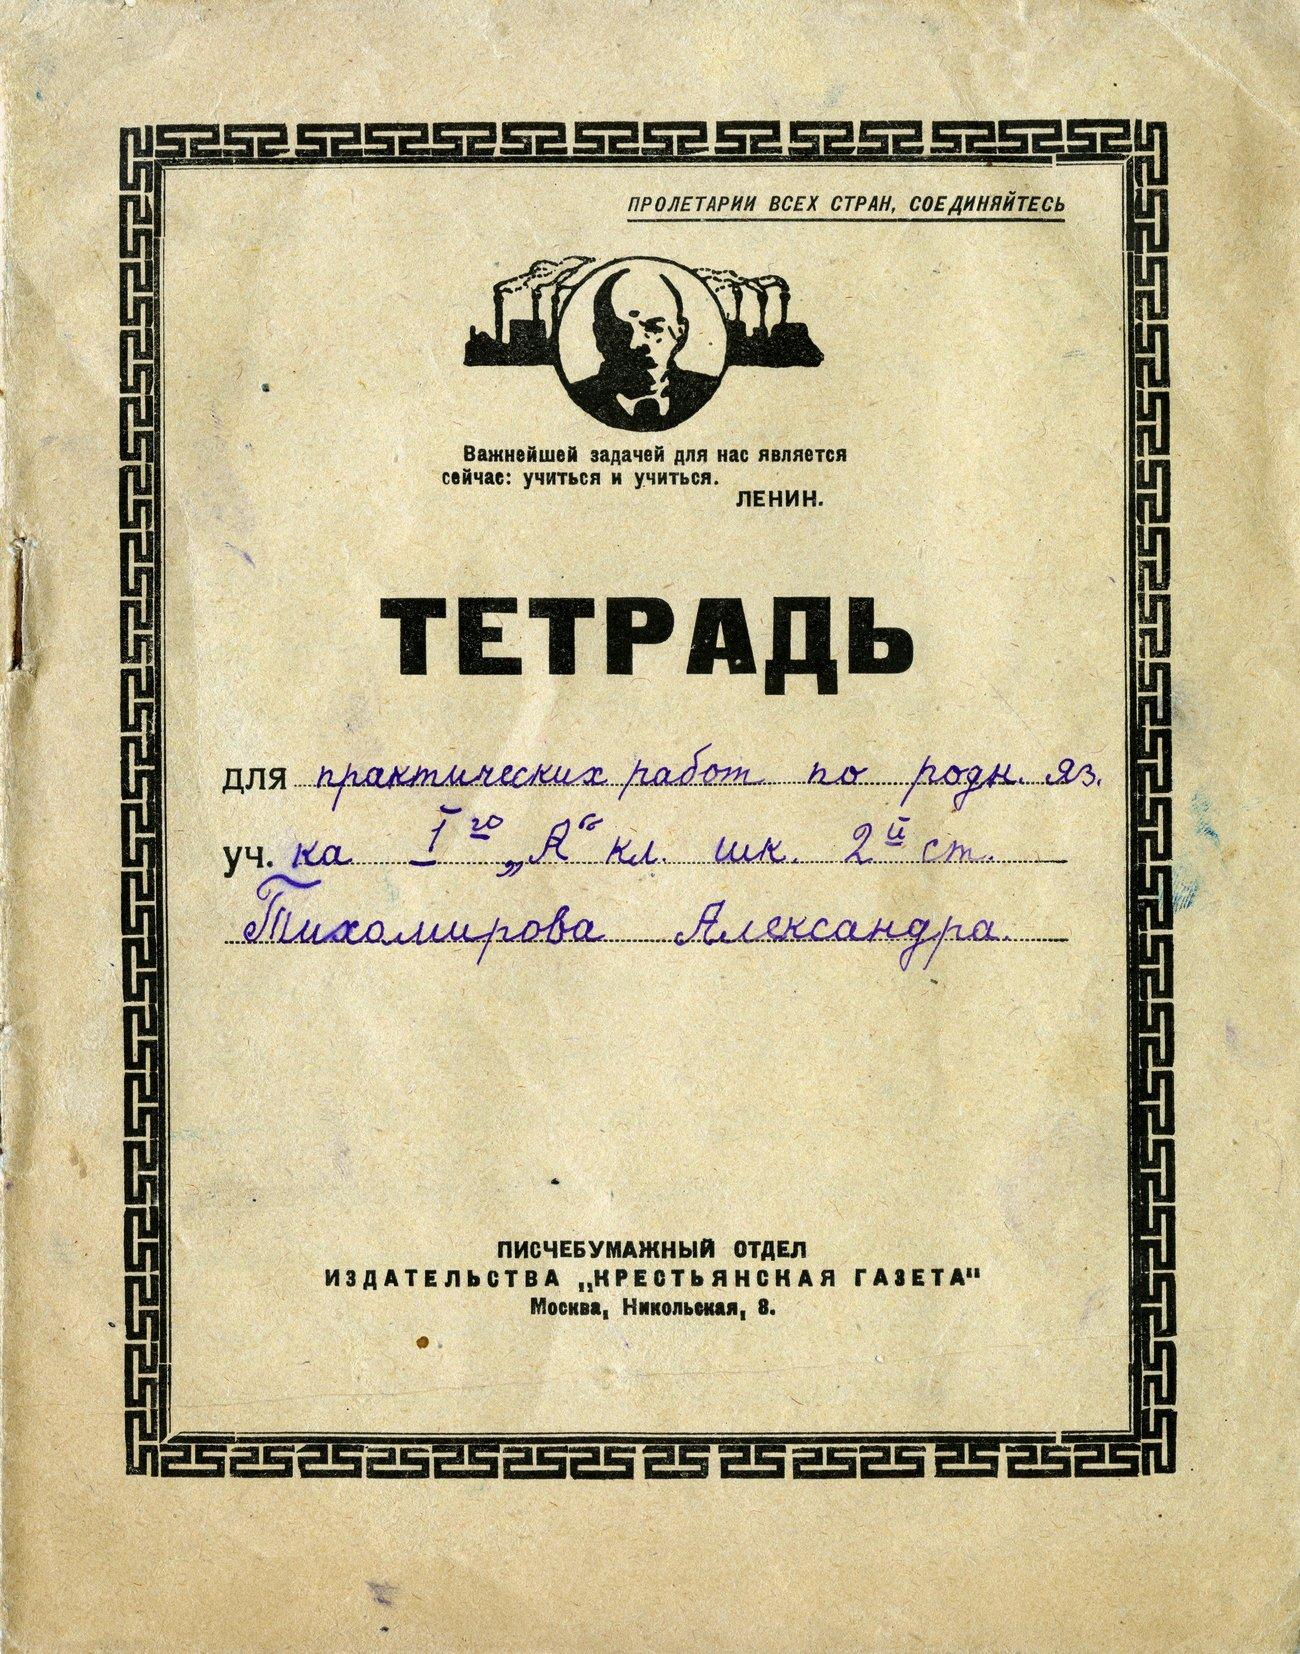 Издательство Крестьянская газета, 170х220